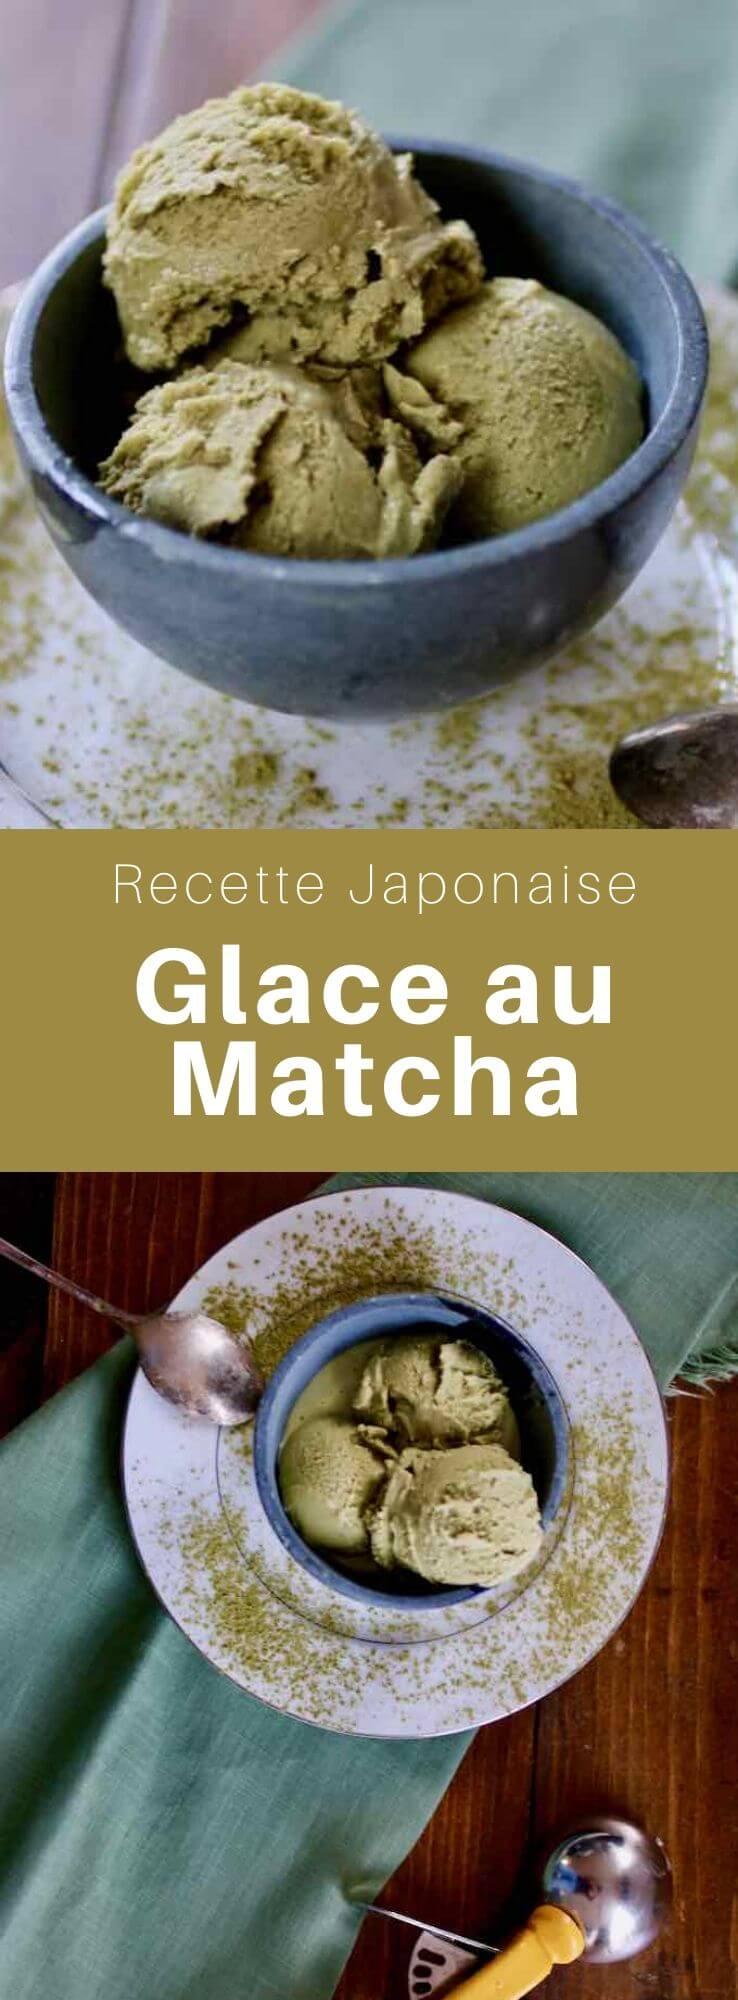 La crème glacée au matcha ou crème glacée au thé vert est un parfum de glace qui est très prisé au Japon ainsi que dans d'autres régions d'Asie. #Japon #CuisineJaponaise #RecetteJaponaise #CuisineDuMonde #196flavors